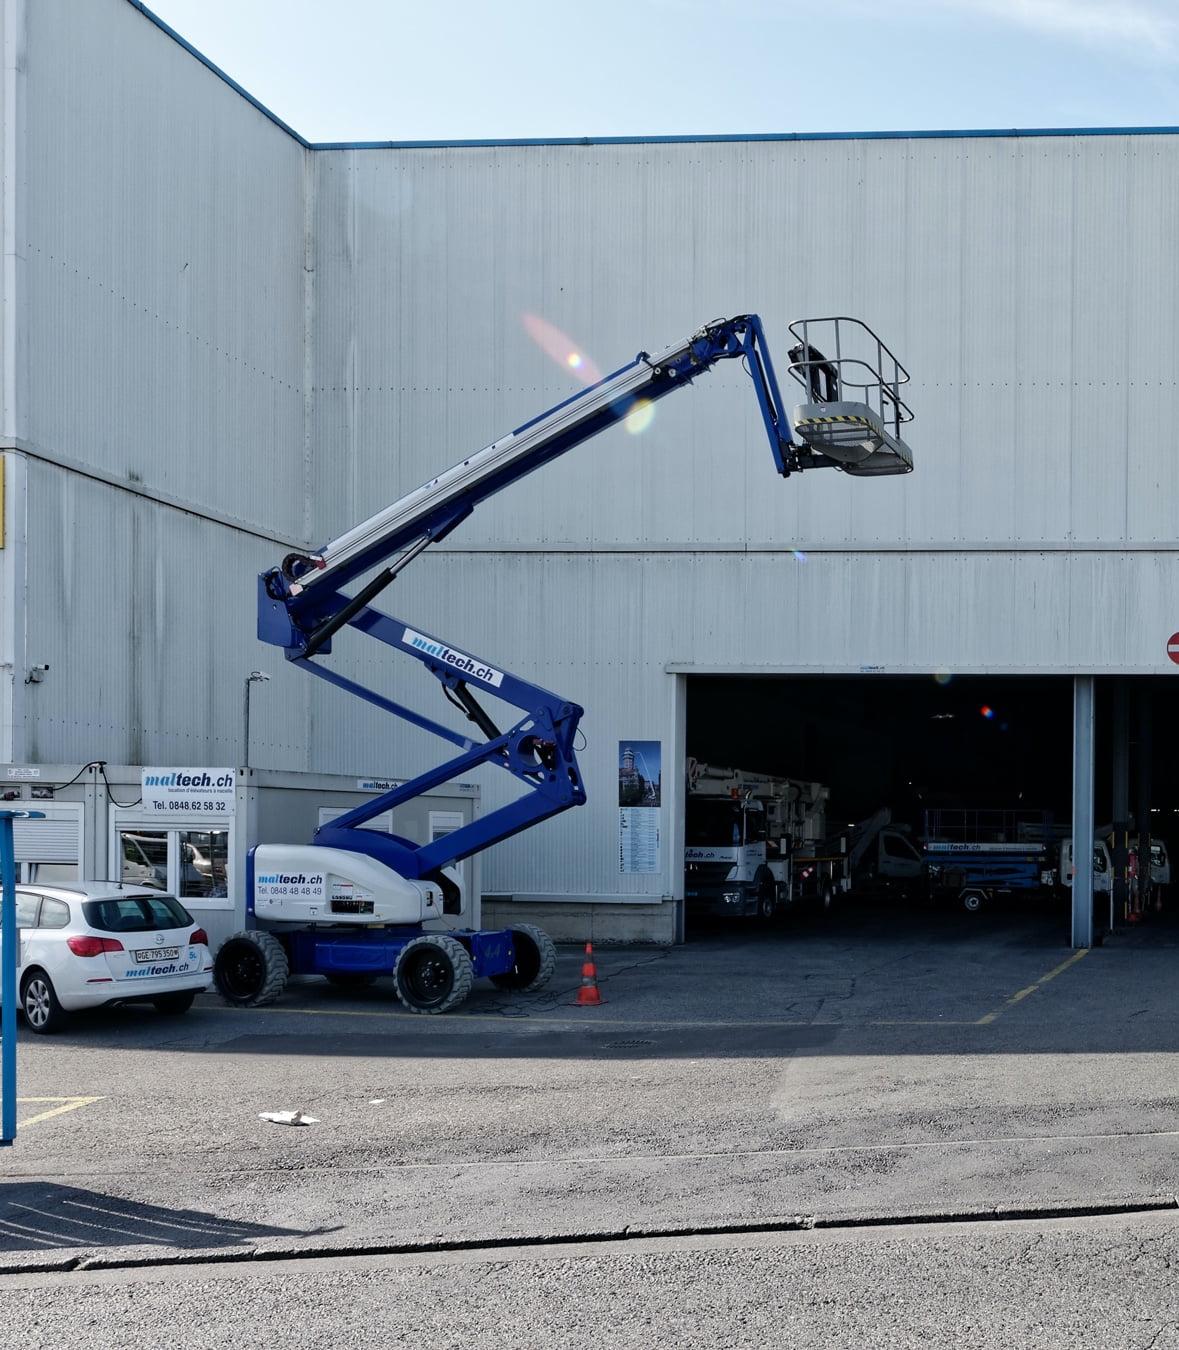 La Regie Industrielle Un Parc De Machines Specifiques Nacelle 23 Img@3x